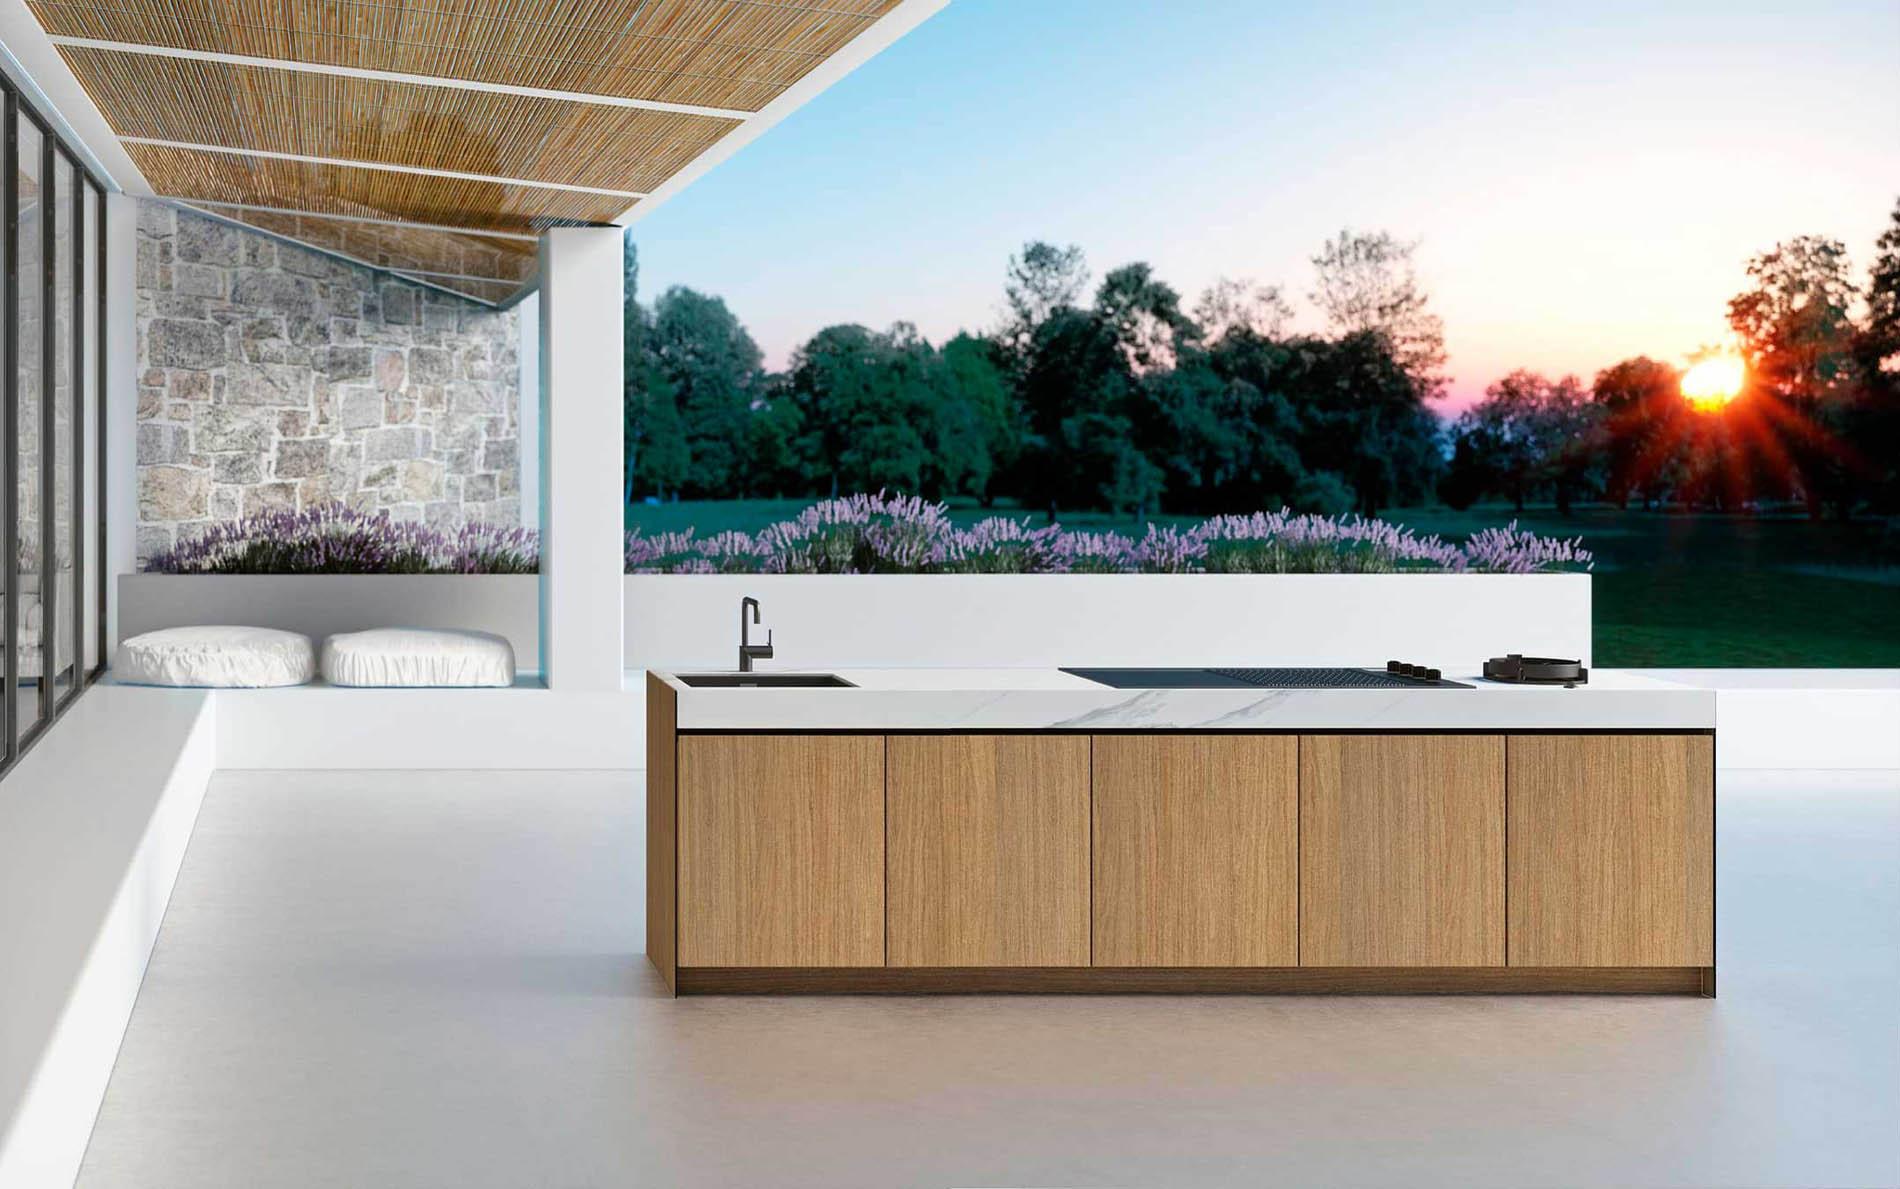 En nuestra tienda de cocinas en Barcelona hemos creado un área especializada en cocinas con diseños modernos y clásicos con el fin de prestarte el mejor servicio integral desde el diseño hasta el montaje, en tus proyectos profesionales de cocinas. Te atenderemos de una manera totalmente personalizada y profesional en el diseño y montaje de tu cocina. El equipo de Cocinas de Azul Acocsa estará en contacto directo contigo durante todo el proceso. Te aconsejaremos en todo lo que necesites: los aspectos relacionados con el interiorismo, la elección del mobiliario y complementos, los electrodomésticos de cocina, la iluminación, los revestimientos para suelos y paredes y todos los elementos que componen este espacio, cada vez más importante en los proyectos de interiorismo de viviendas.